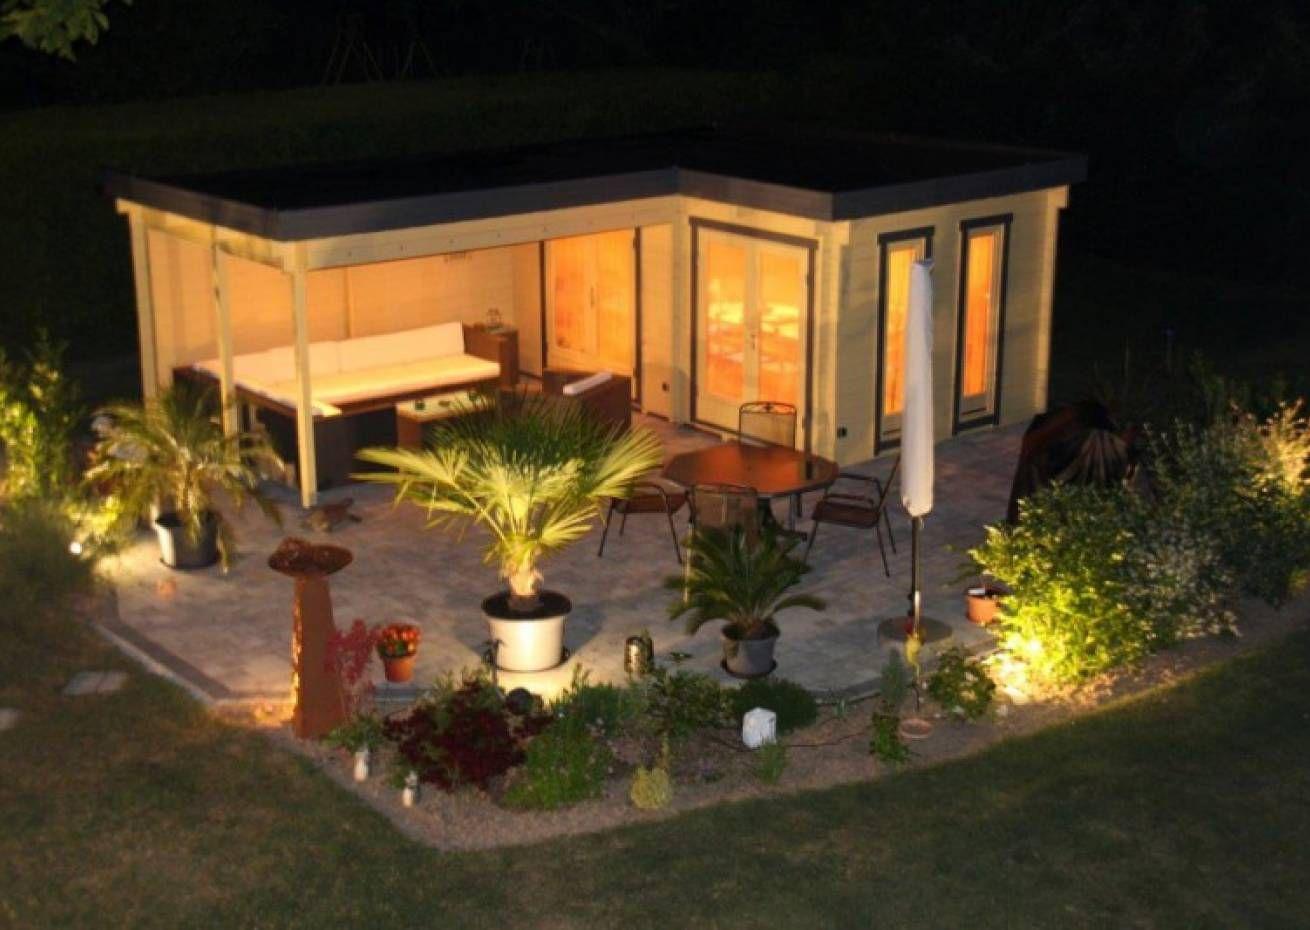 Flachdach Gartenhaus Modell Quinta Iso Flachdach Gartenhaus Gartenhaus Zeitgenossischer Garten